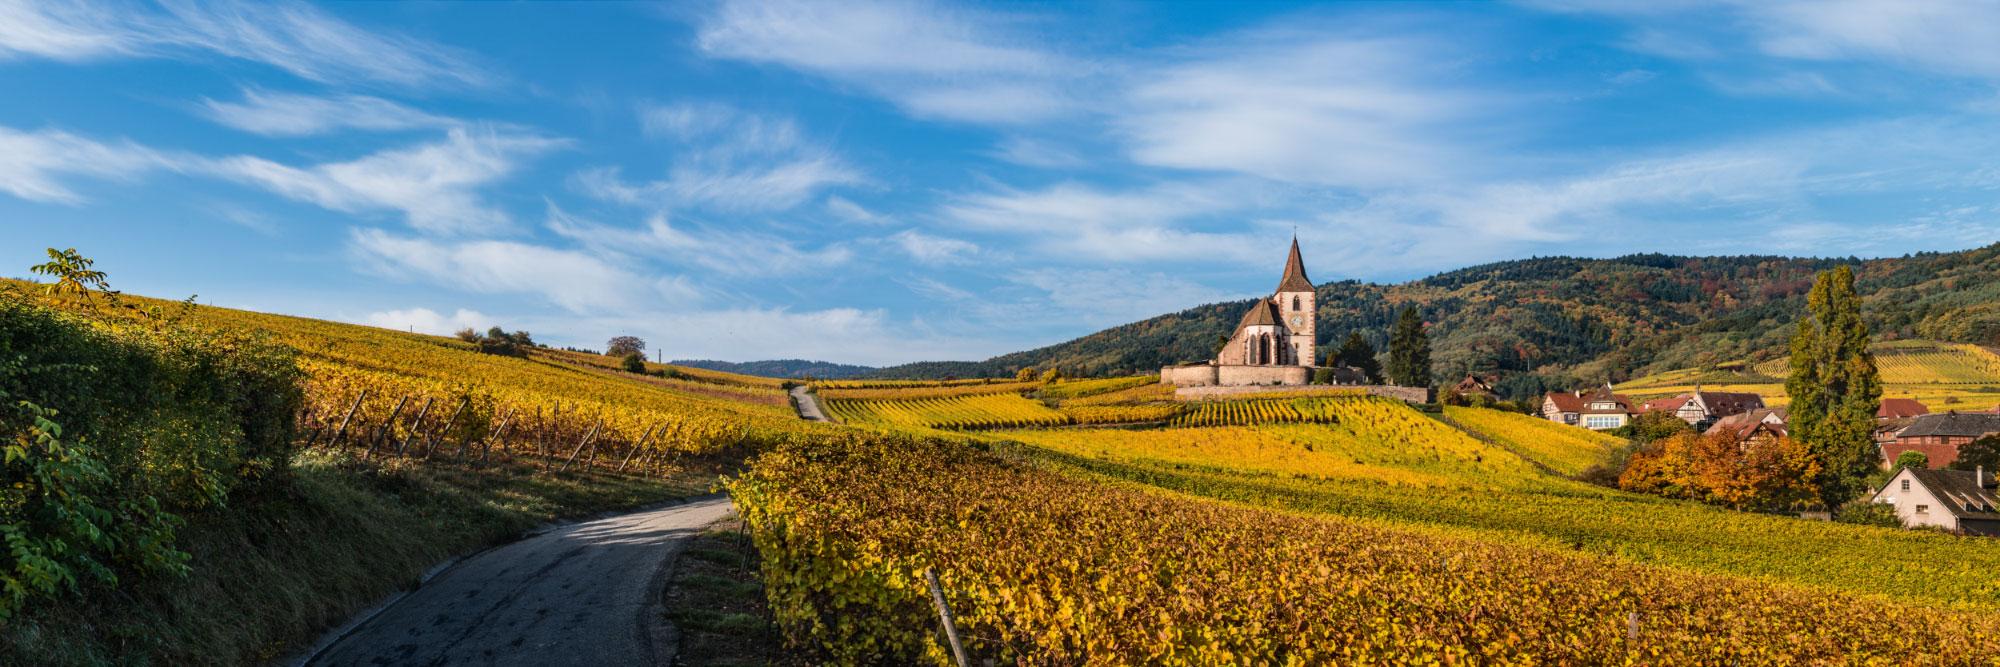 L'église fortifiée de Hunawihr, Alsace